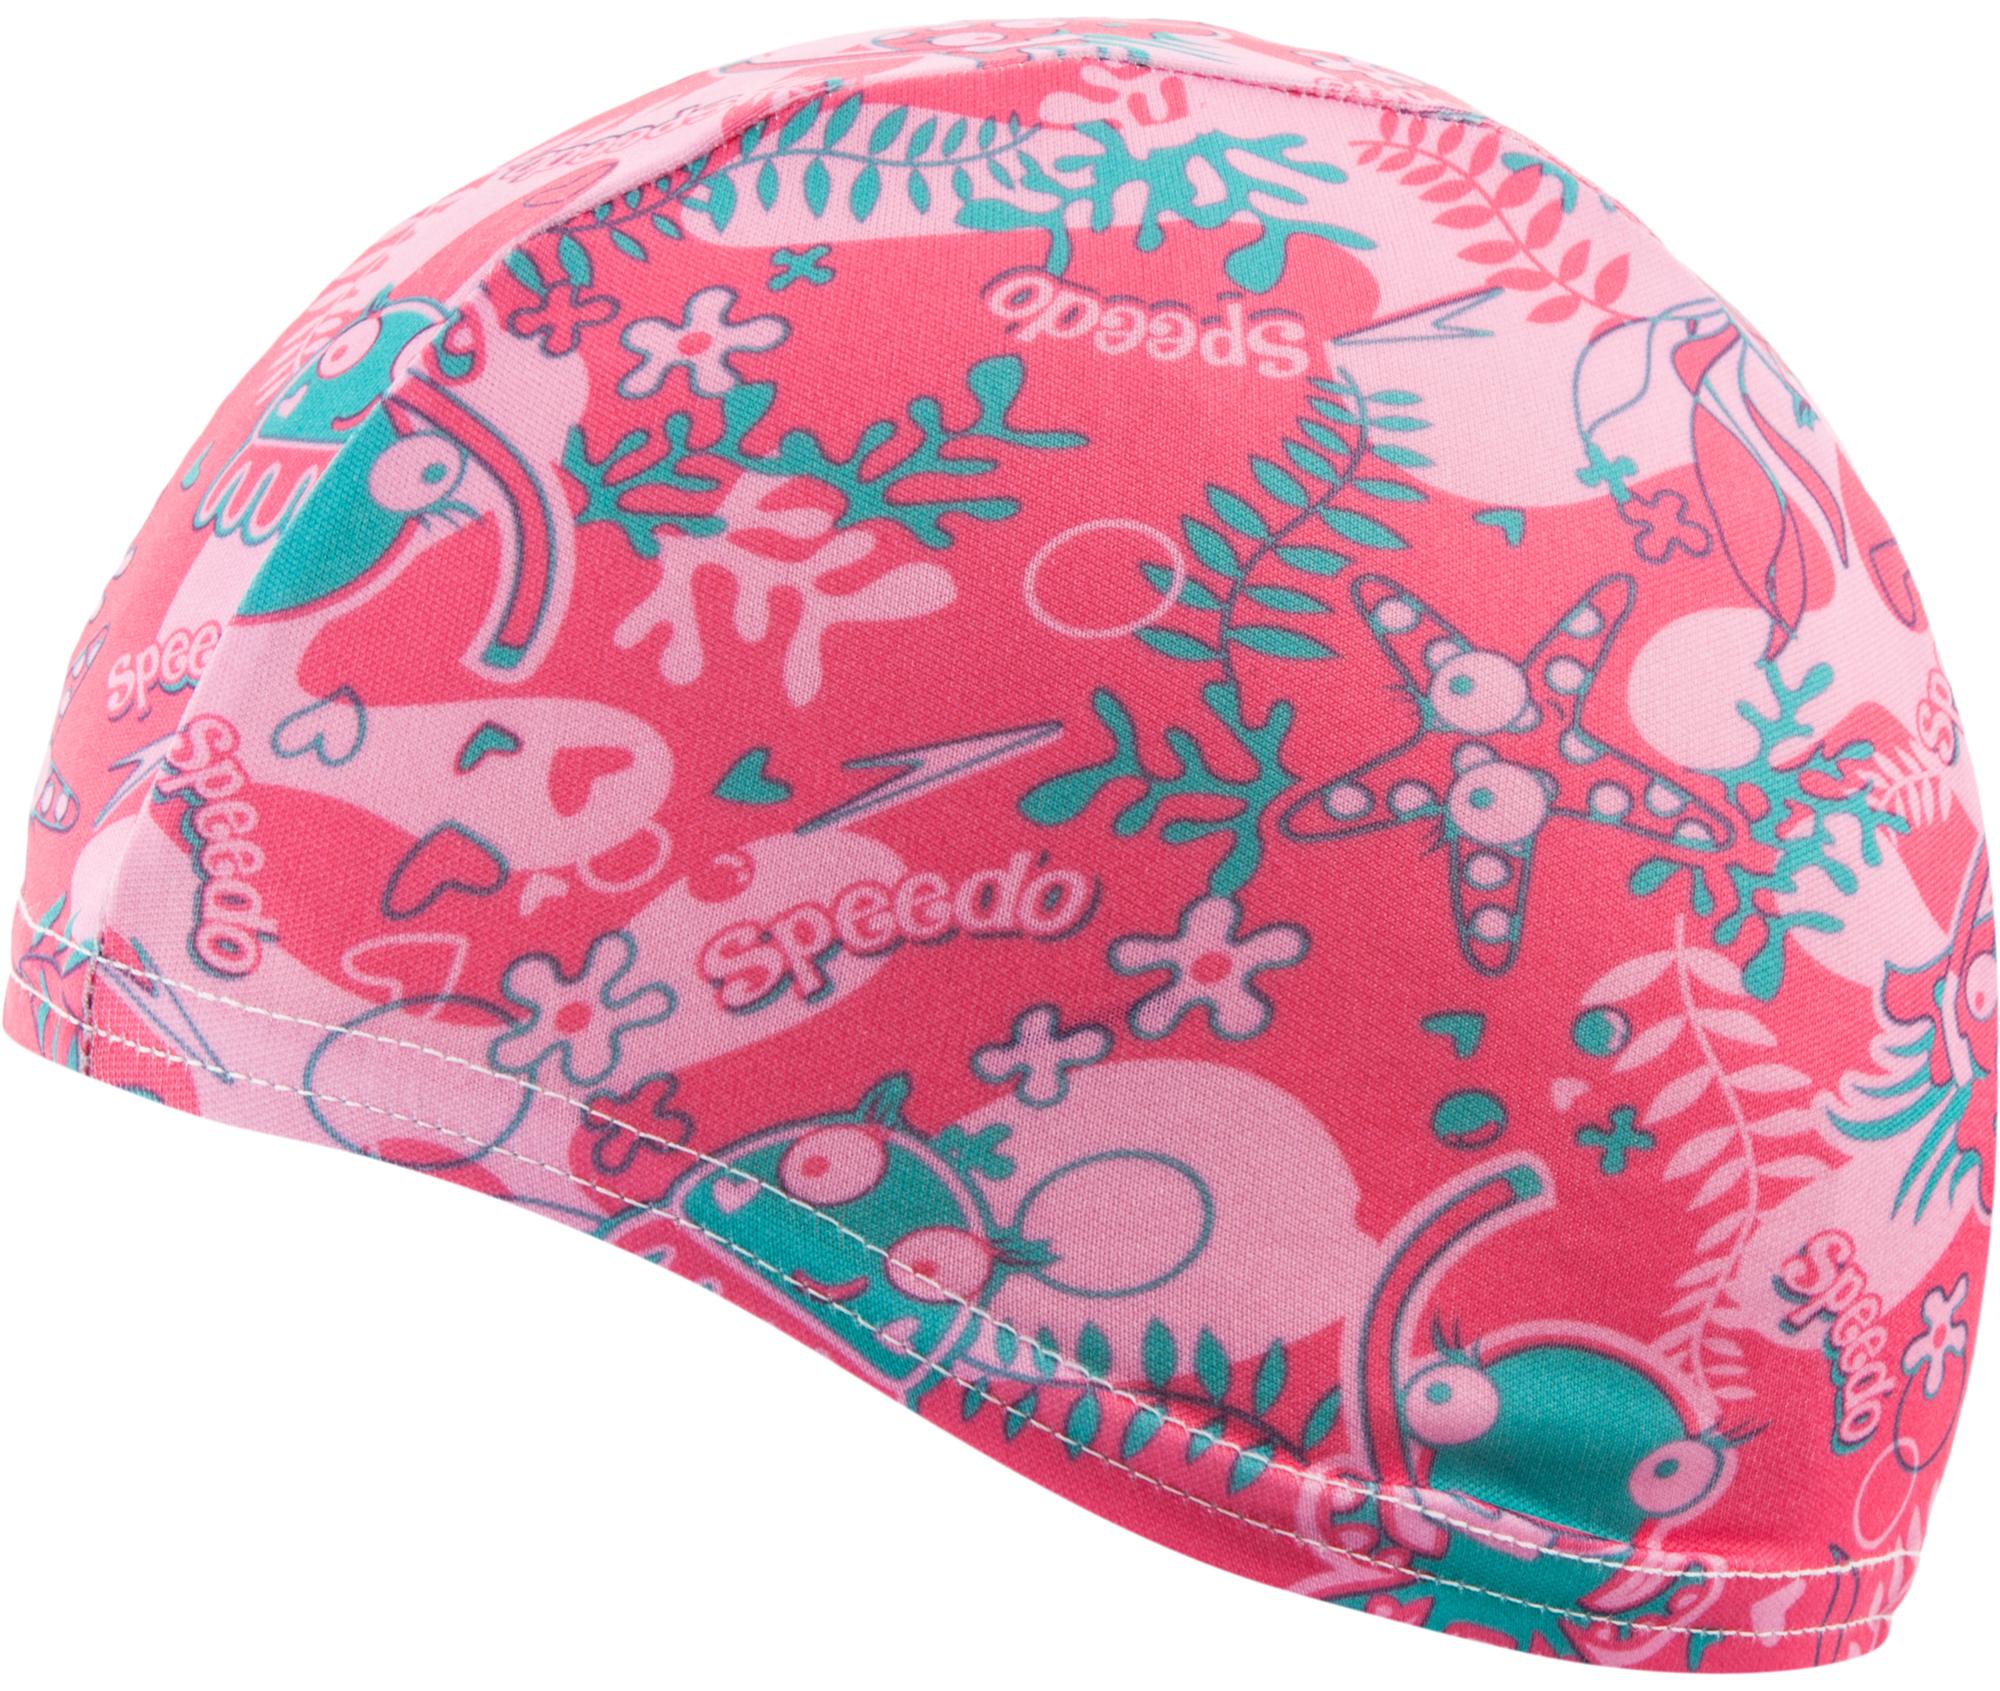 Speedo Шапочка для плавания детская Speedo Sea Squad шапочка спортивная детская